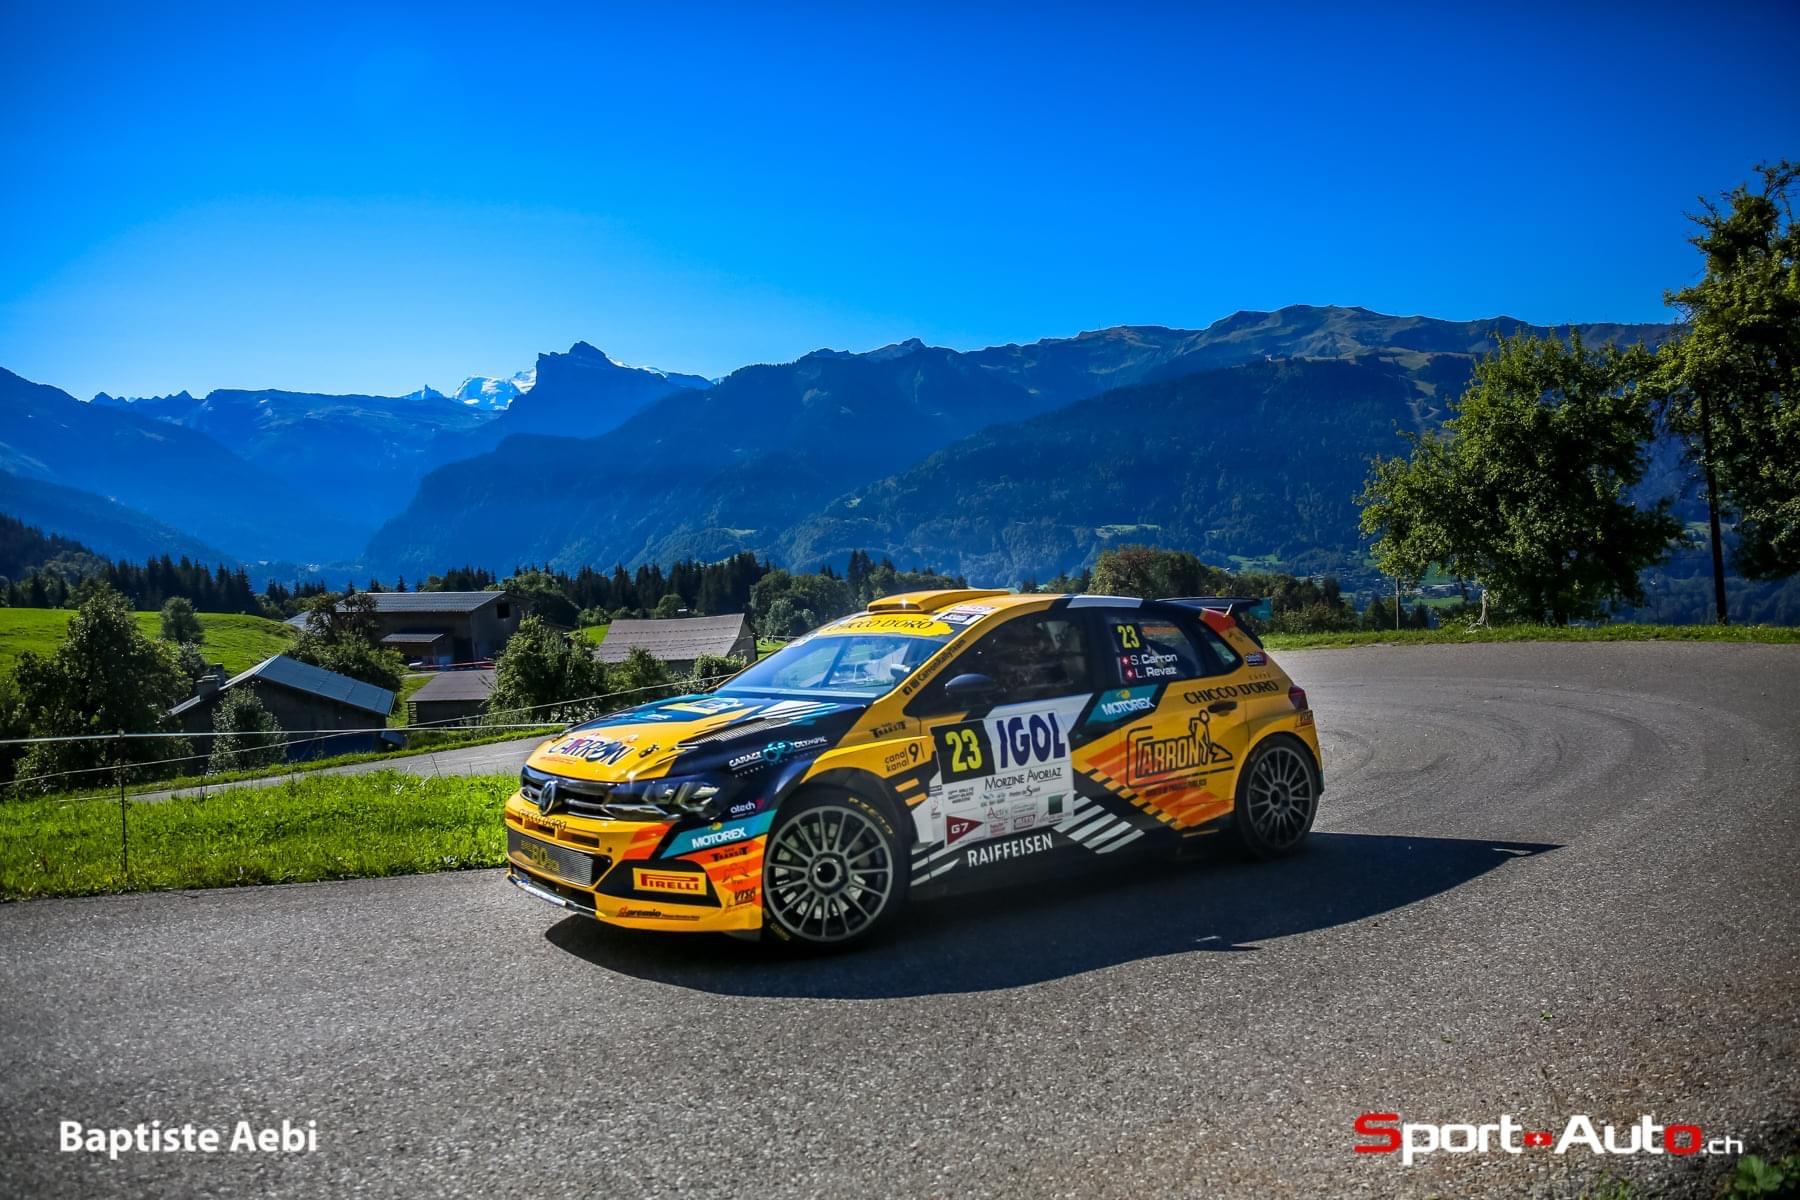 Rallye du Mont-Blanc 2020 - Les bagarres auront été rudes !